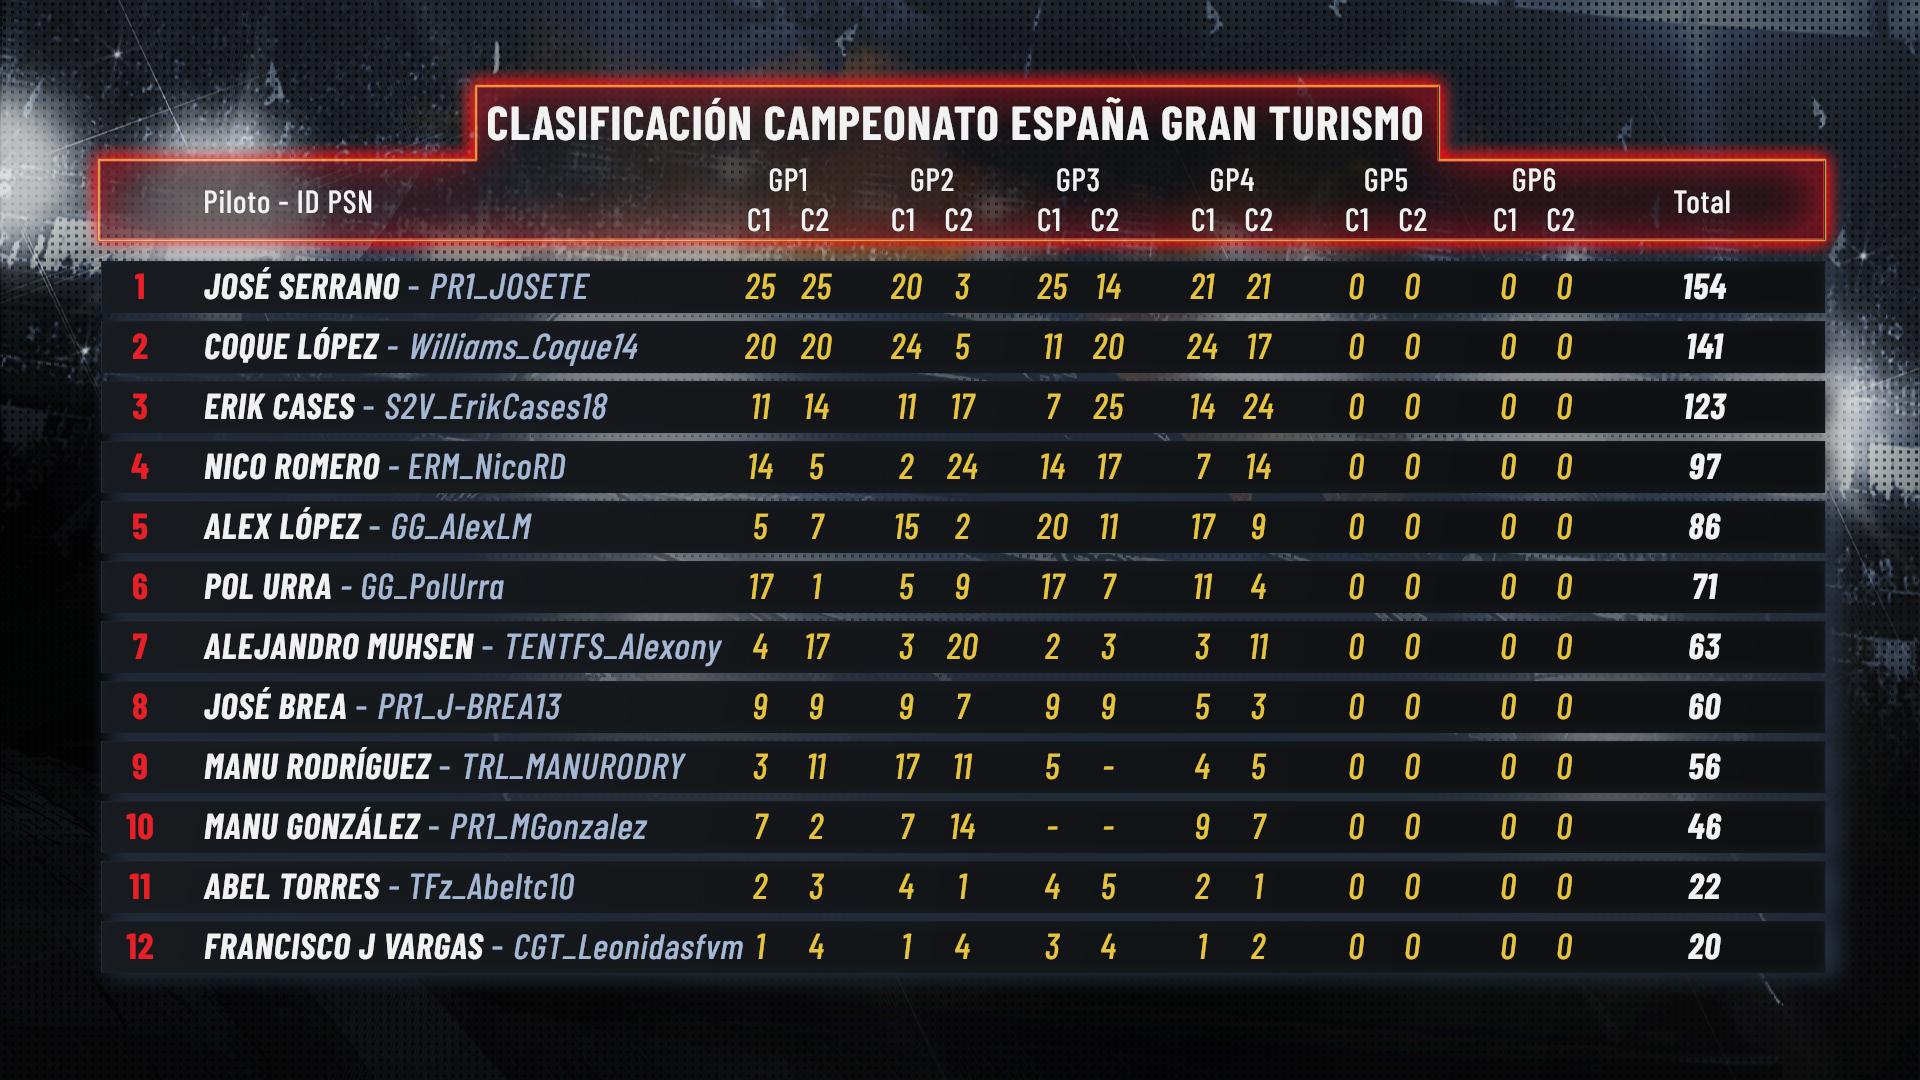 La clasificación del torneo